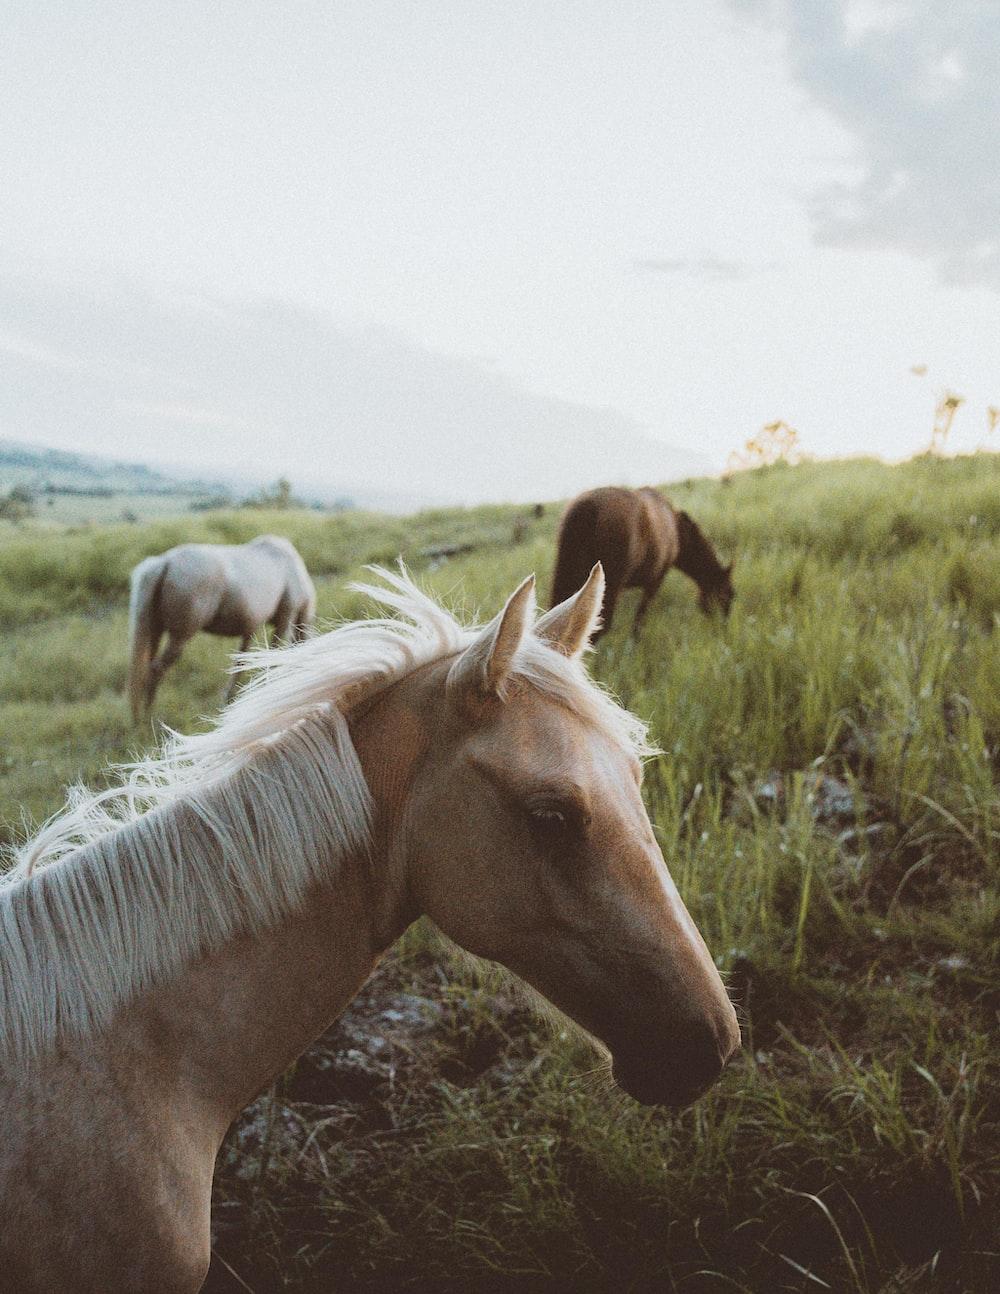 tilt-shift lens photography of horse herd on grassland during daytime